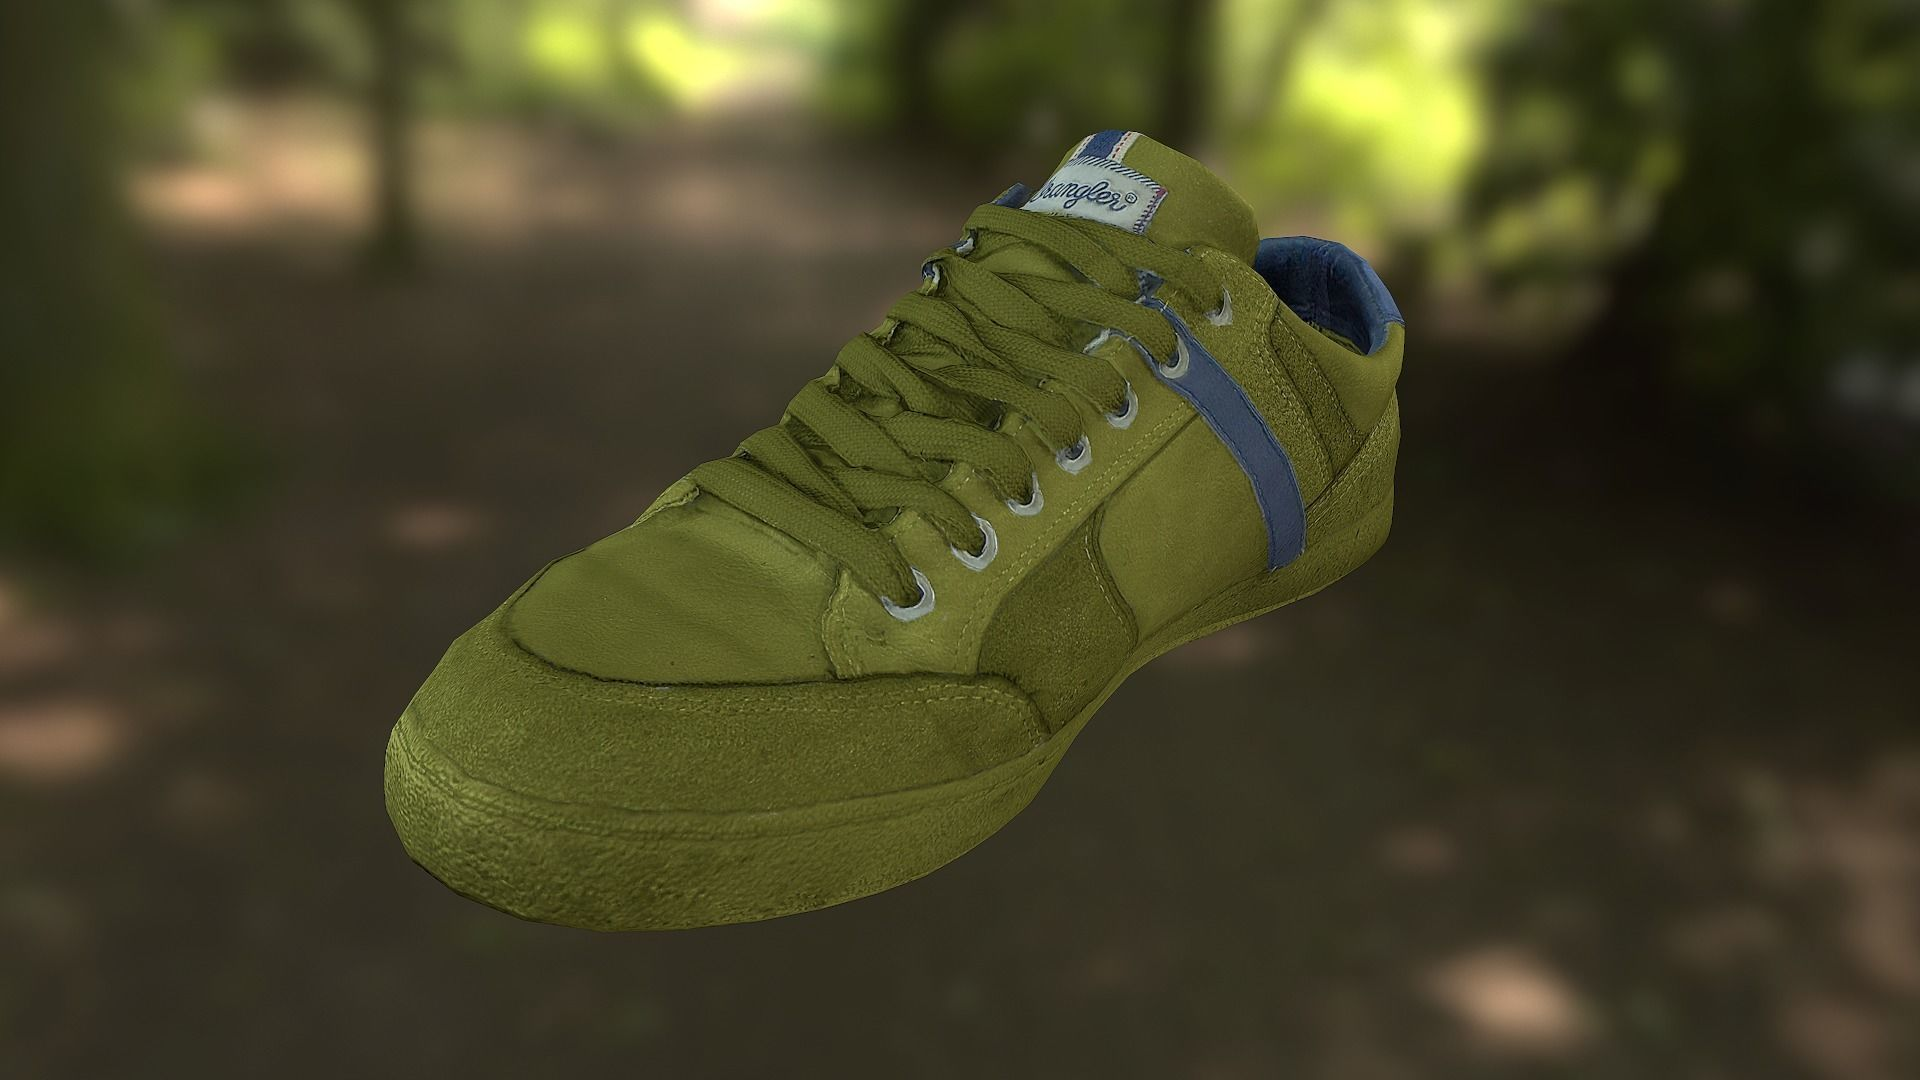 Sneaker shoe low poly model